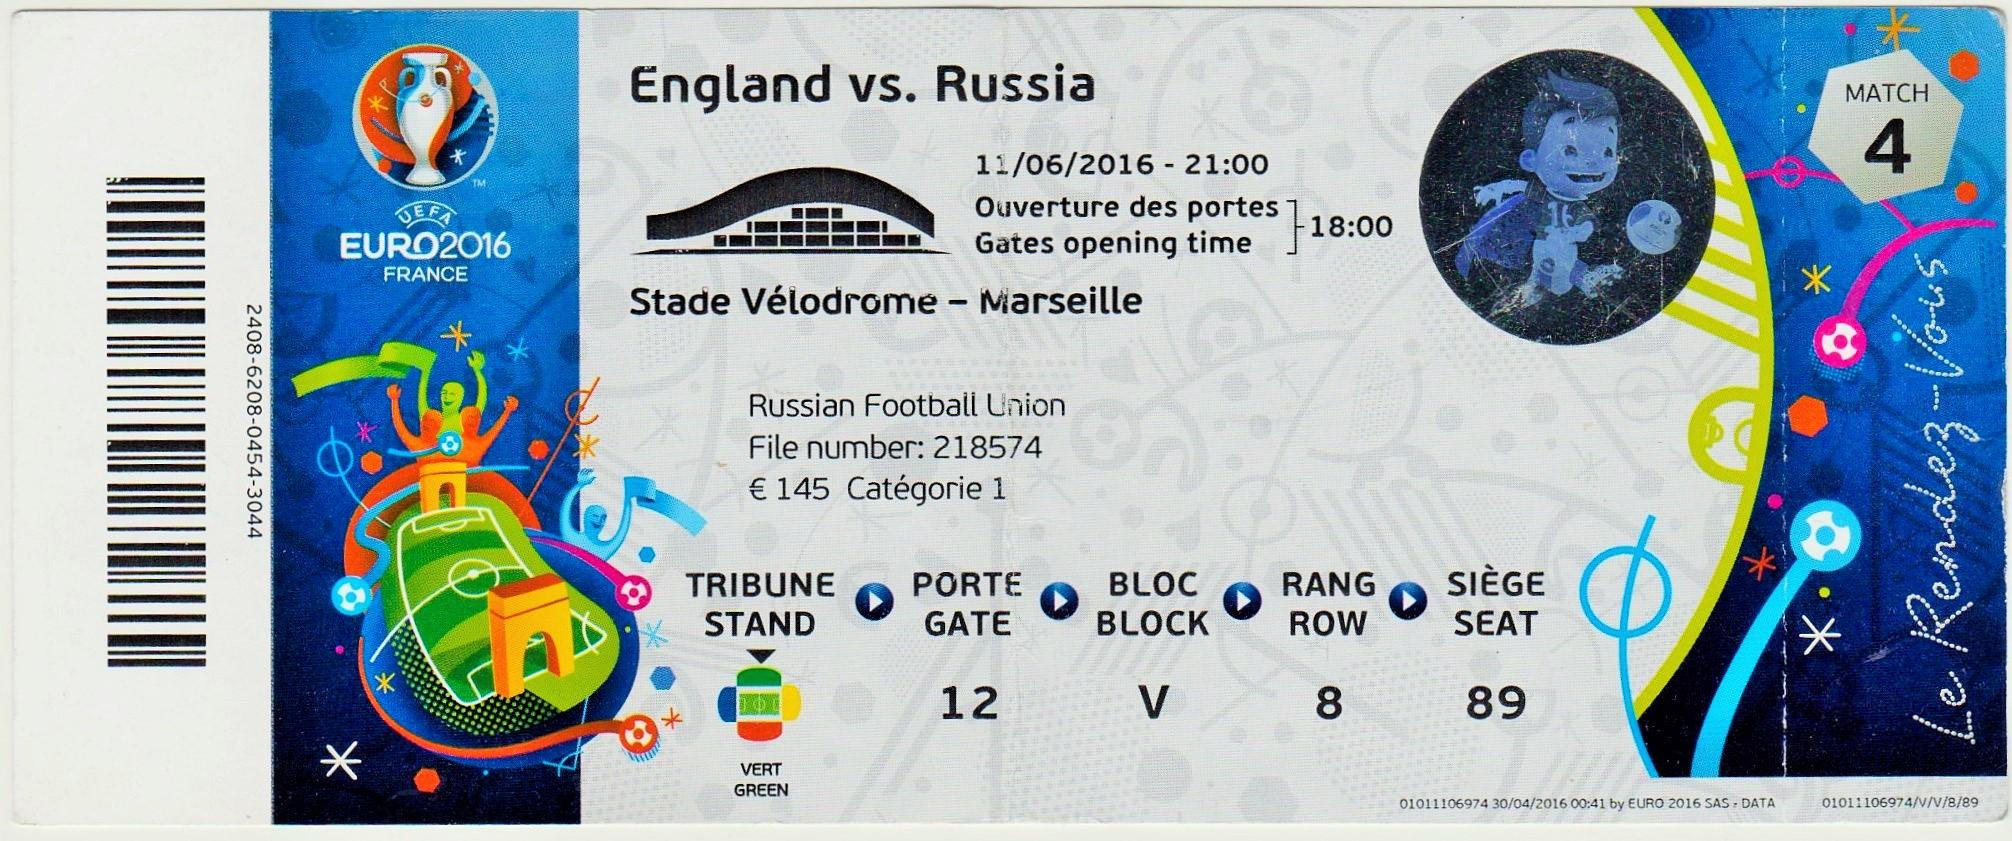 11/06/2016 Marseille :  Angleterre  1 - 1  Russie  > Dier (Ang) -- Berezutski (Rus)  <